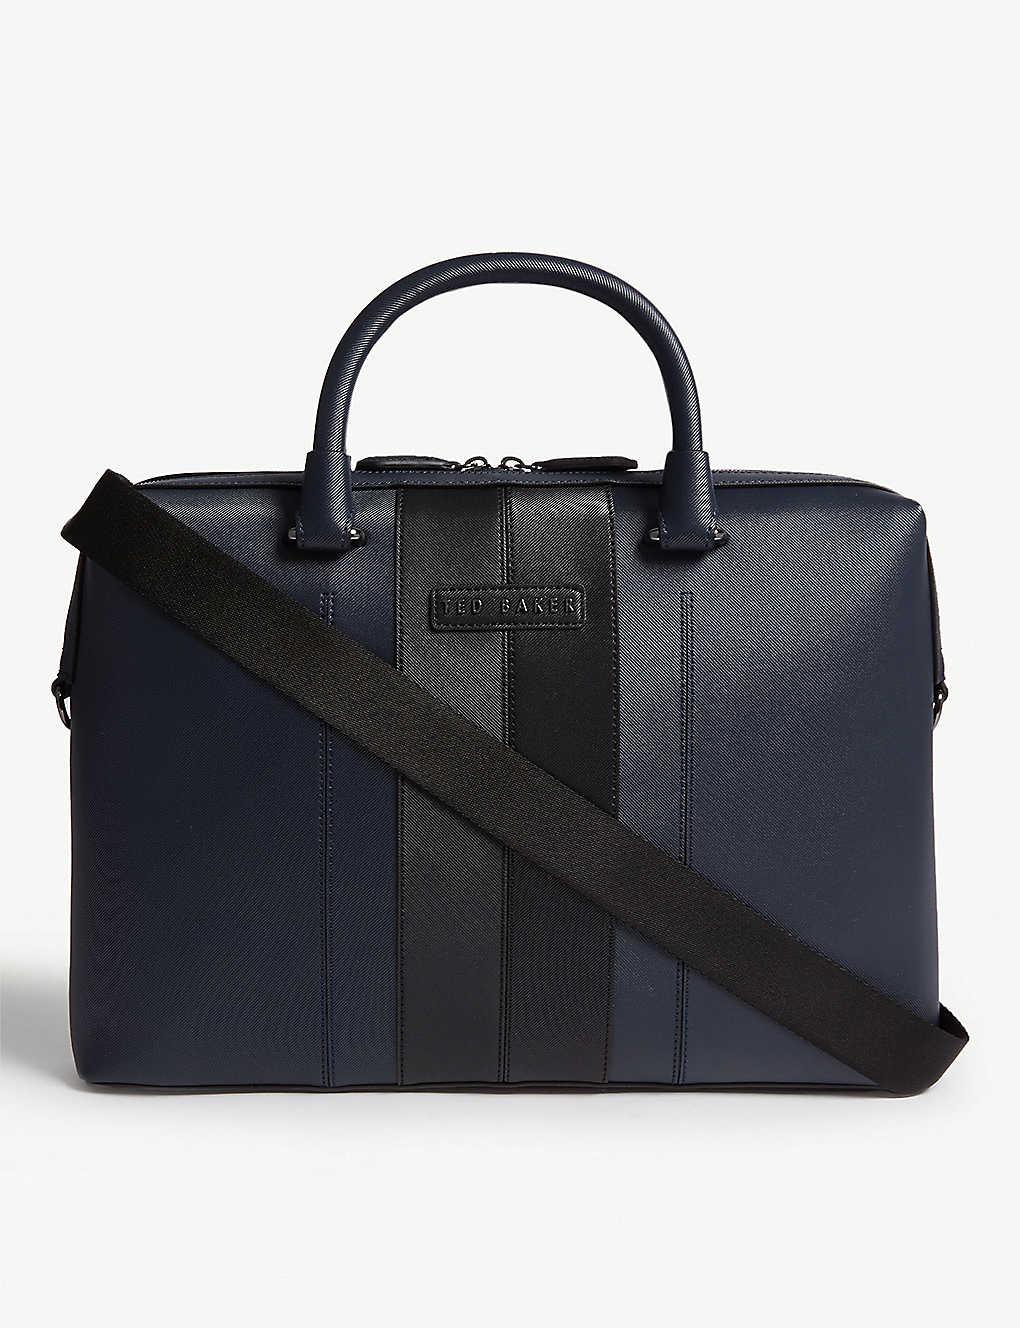 e4071dcfdd TED BAKER - Vin twill document bag | Selfridges.com